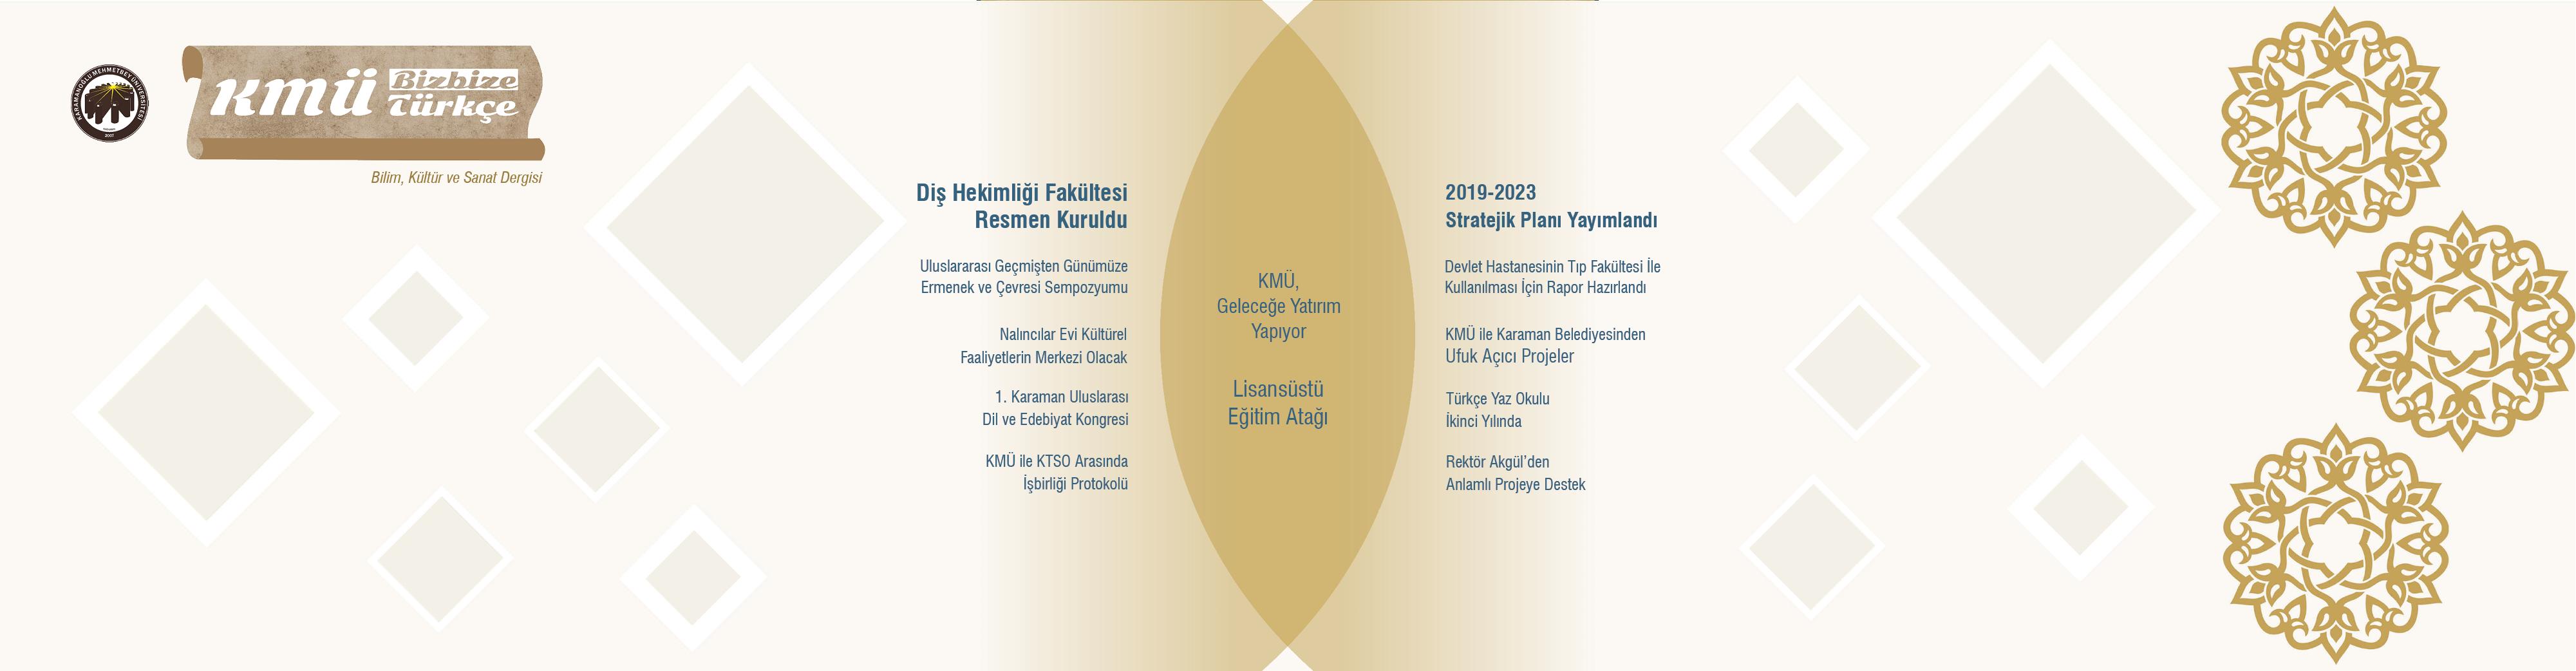 KMÜ Bizbize Türkçe Dergisi 3. Sayısı Yayımlandı